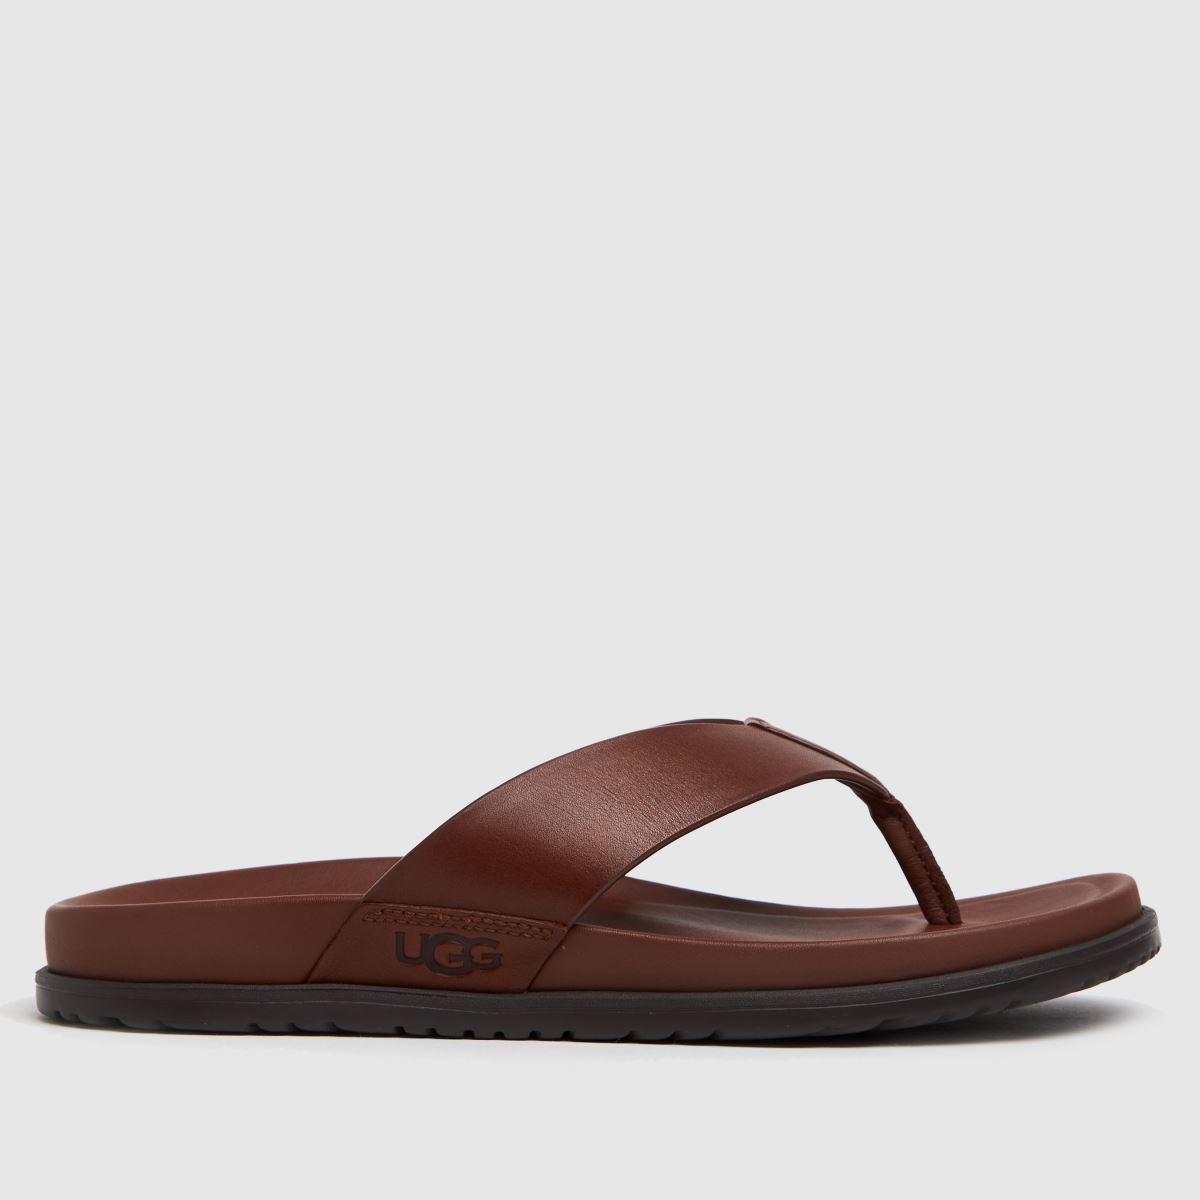 UGG Tan Wainscott Flip Sandals